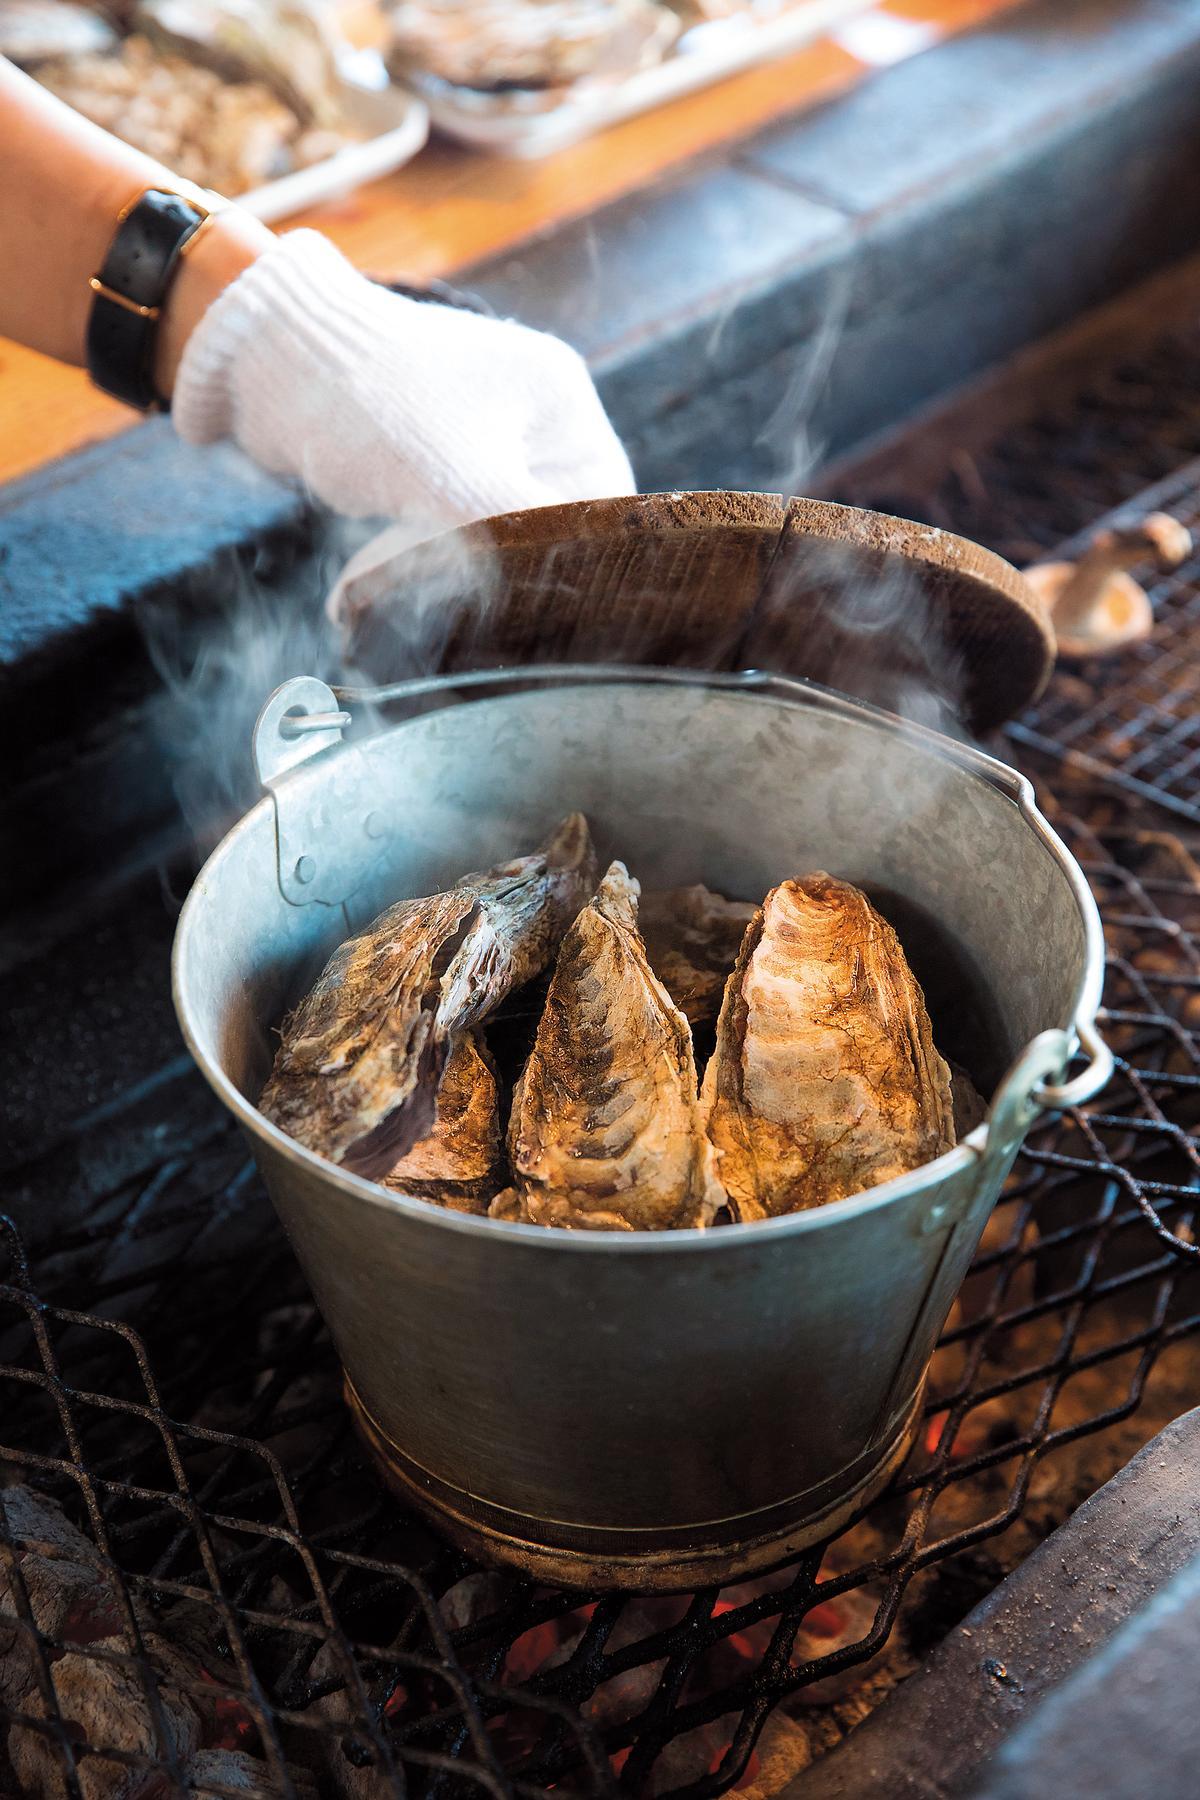 整桶的「酒蒸牡蠣」,是這兒的有名吃法。(1,500日圓/份,約NT$390)